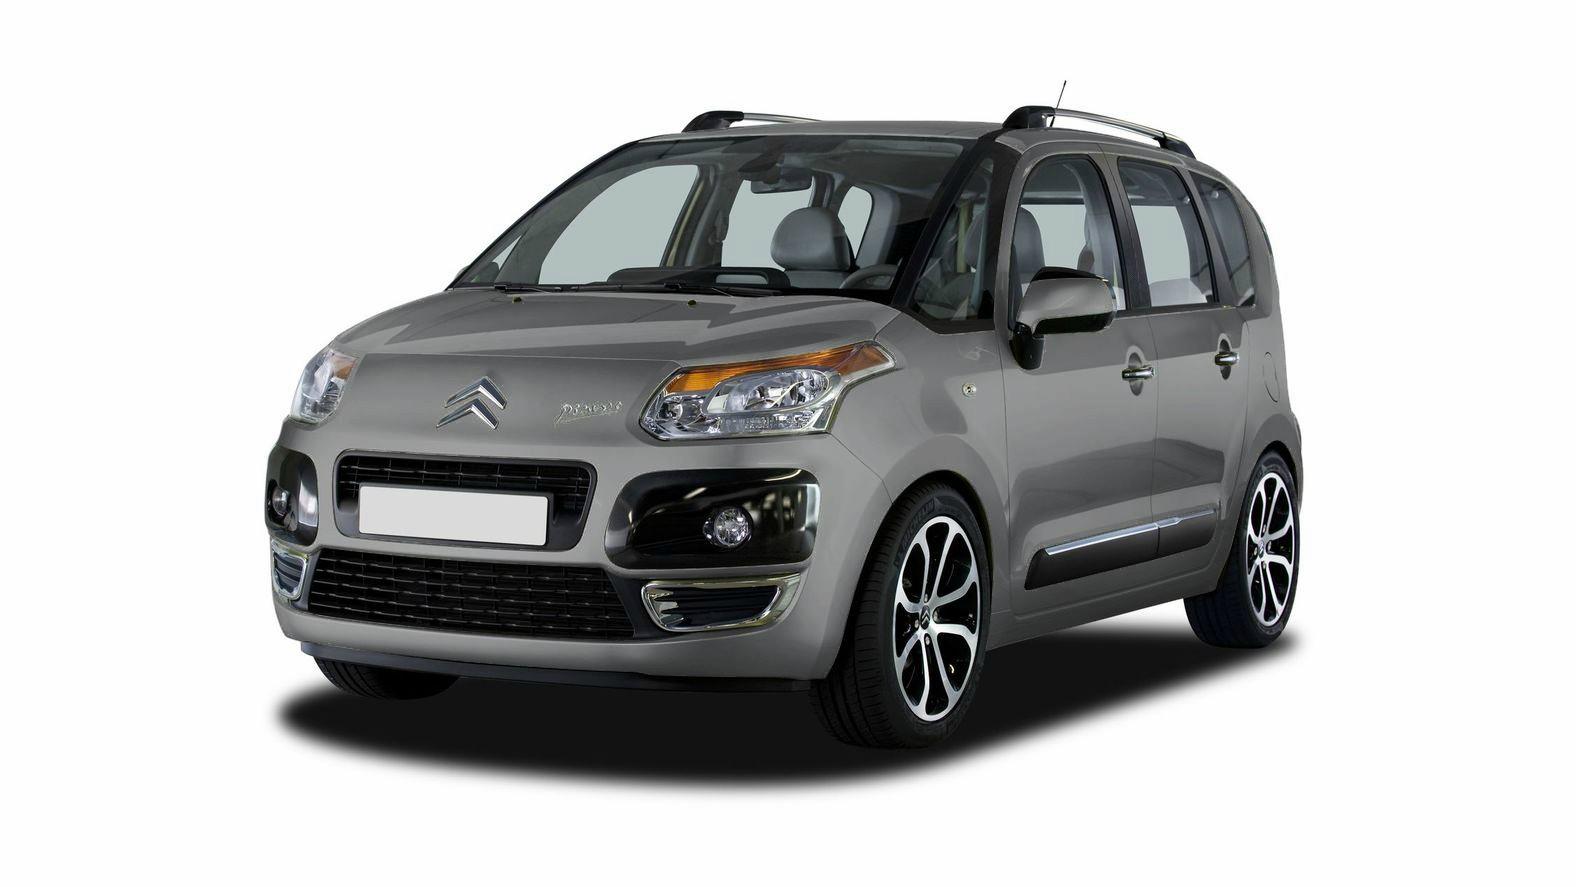 Acheter Citroen C3 Picasso Confort Surequipe Confort Surequipe chez un mandataire auto